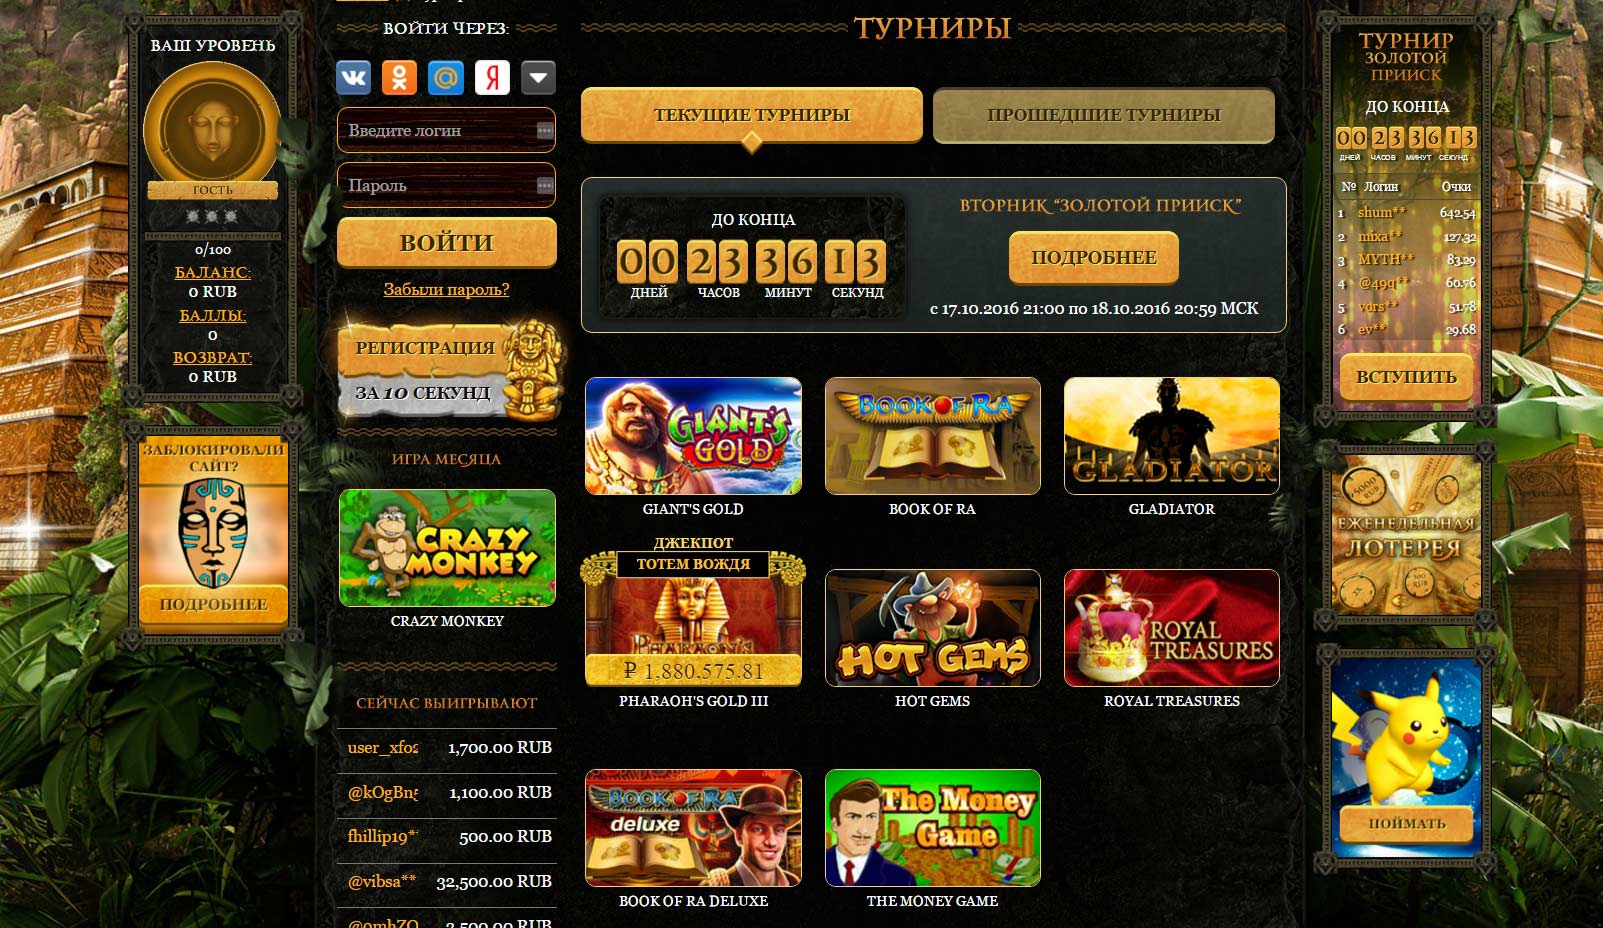 эльдорадо казино зеркало онлайн официальный